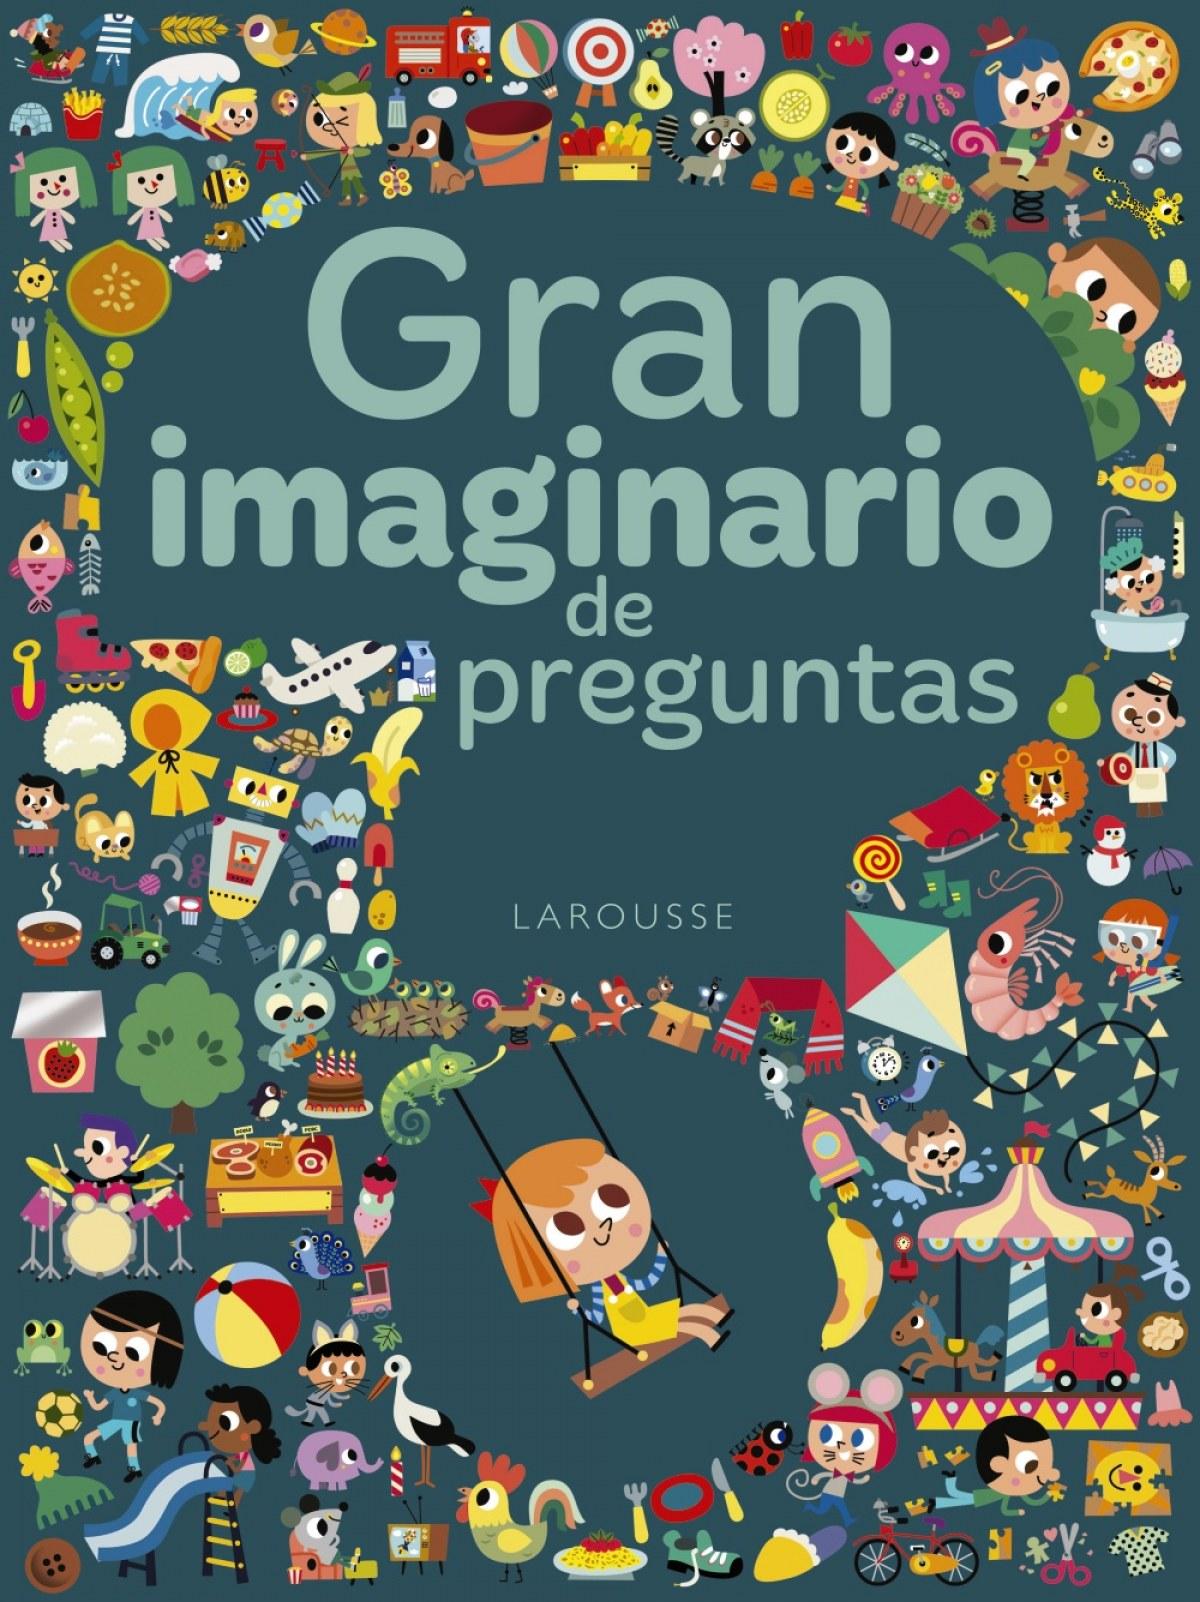 GRAN IMAGINARIO DE PREGUNTAS 9788417273286